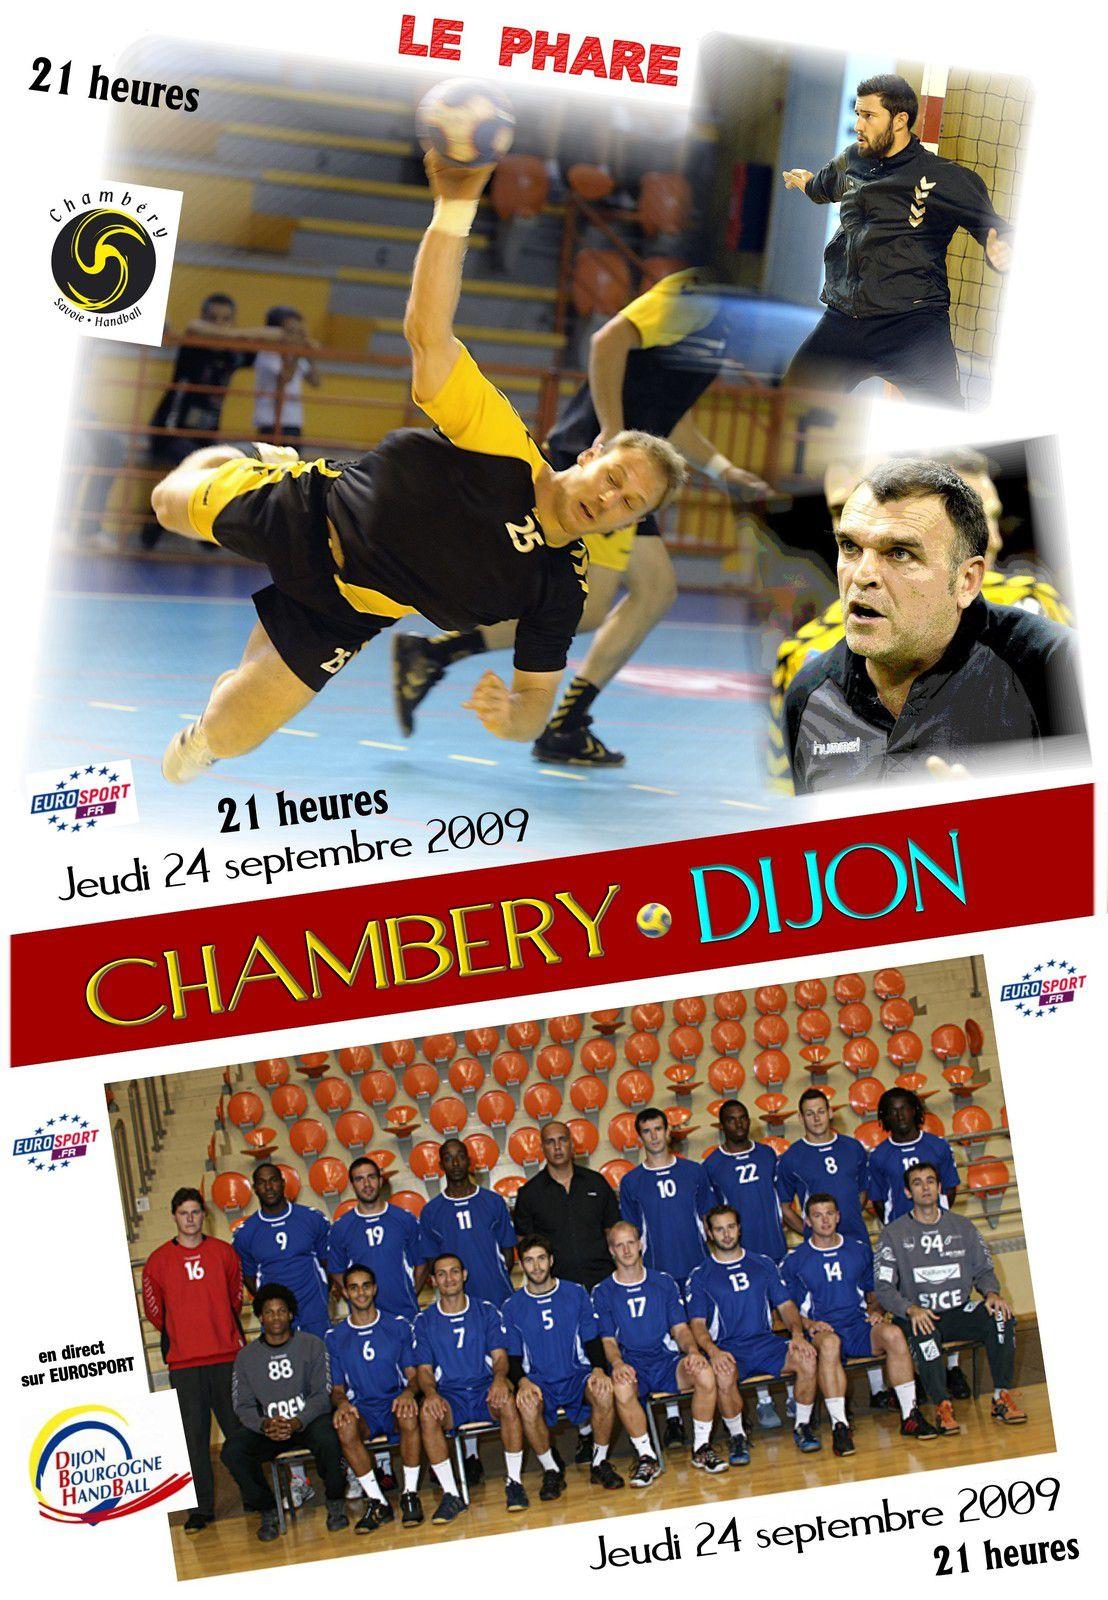 CHAMBERY et le PHARE.  Nostalgie les affiches des matches saison 2009 - 2010